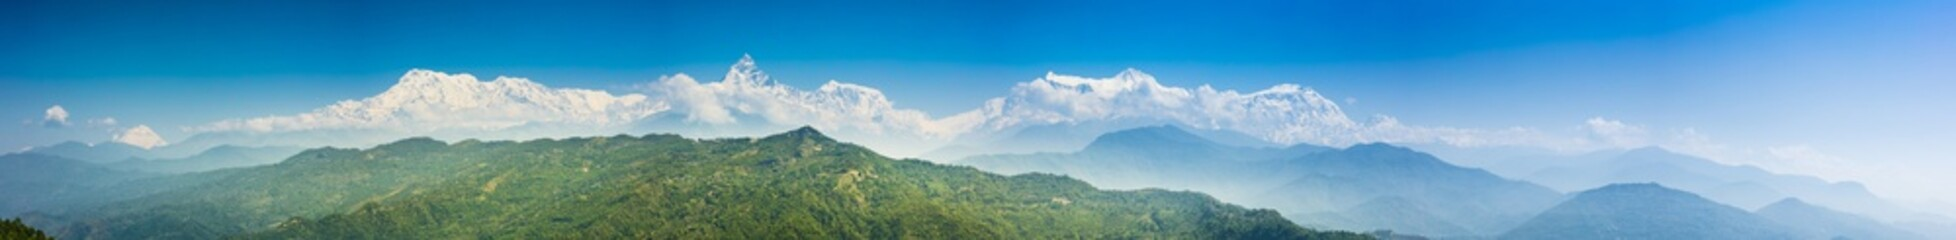 View of Himalaya, Annapurna mountain from Pokhara, Nepal.